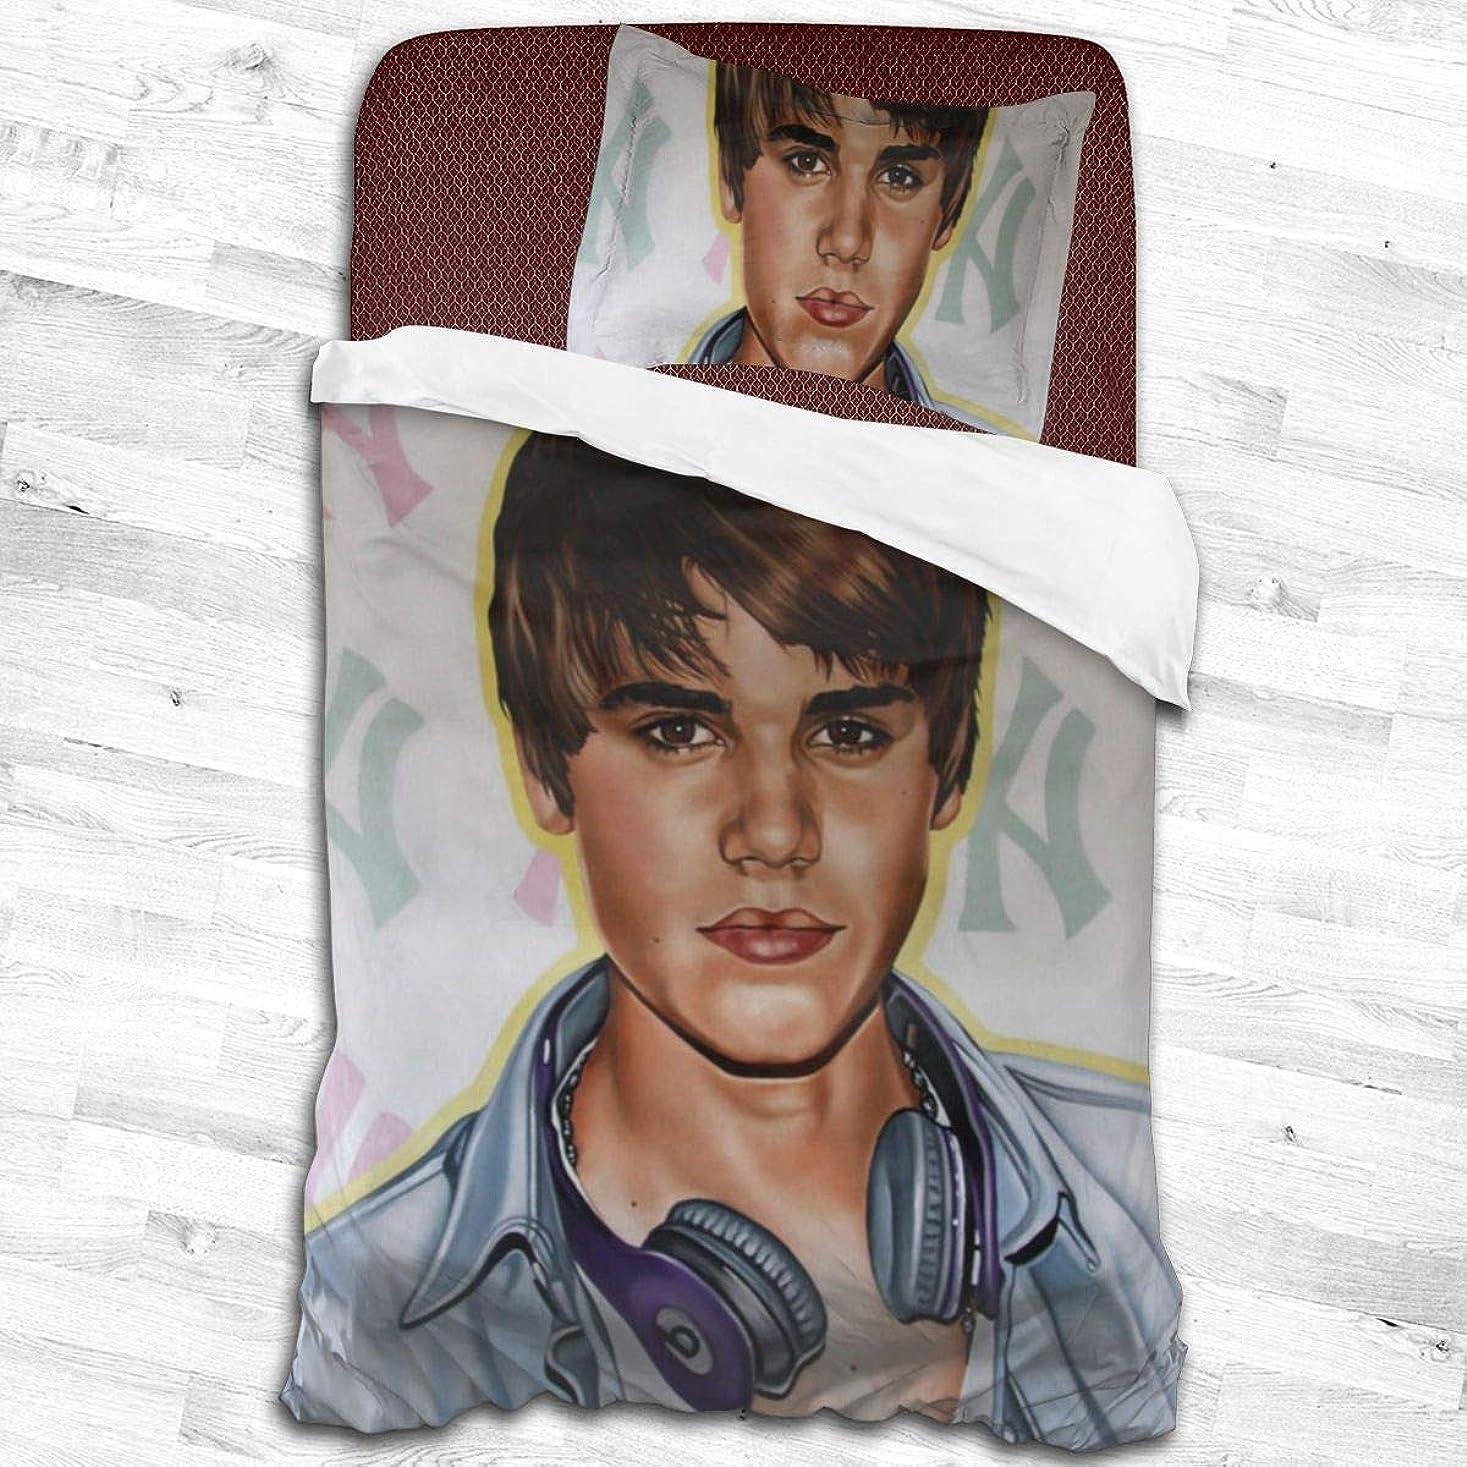 外側ちょっと待って大寝具カバーセット、掛け布団カバー 枕カバー アイドルミュージックJustin Bieberジャスティンビーバー 掛け布団カバー1つ+ 20